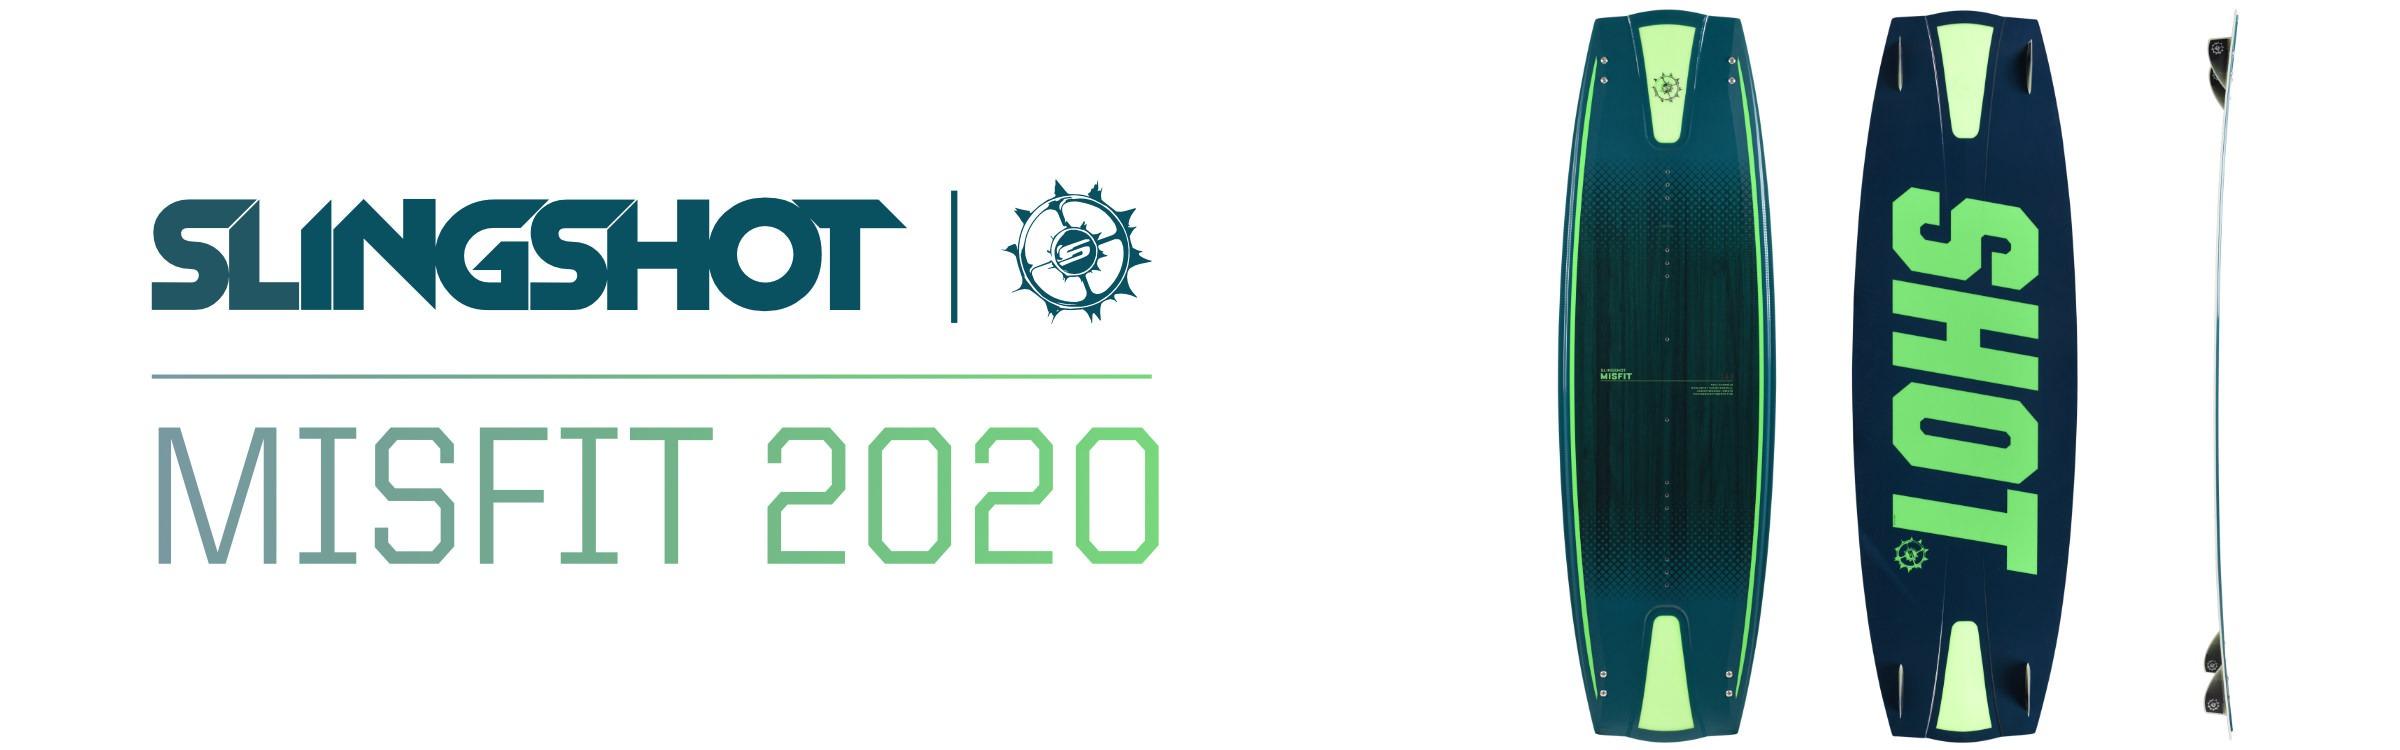 Slingshot2020MIsfit